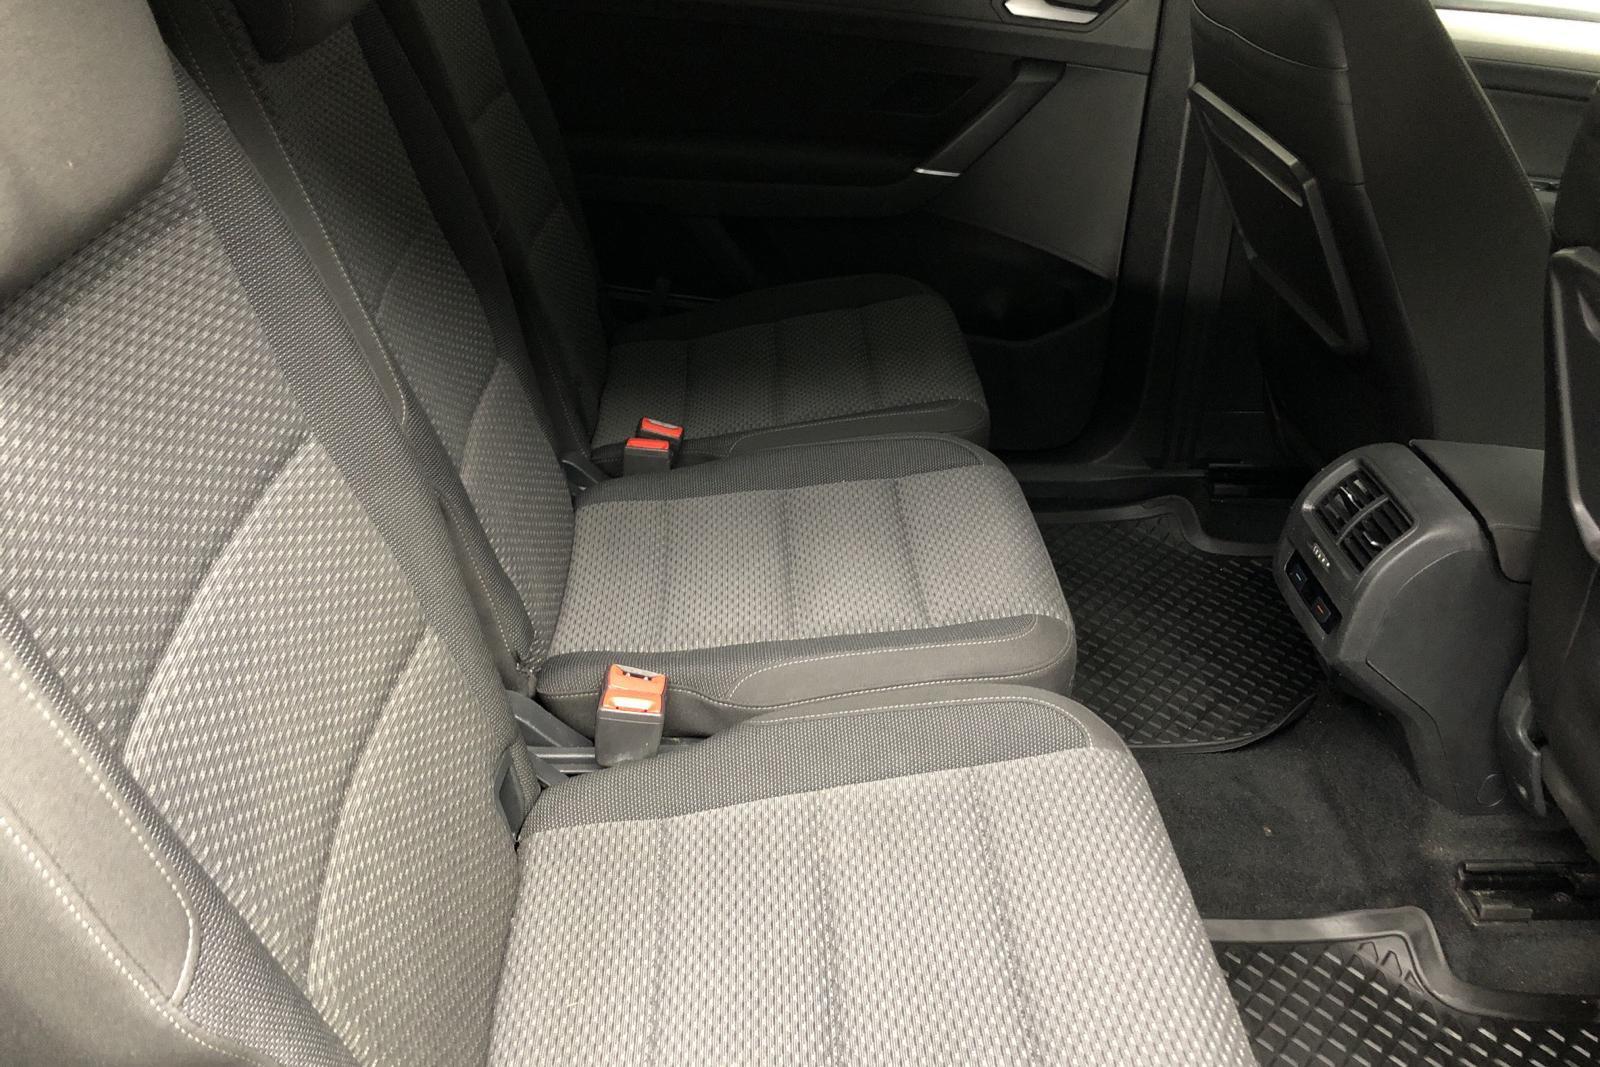 VW Touran 1.4 TSI (150hk) - 12 386 mil - Automat - svart - 2018